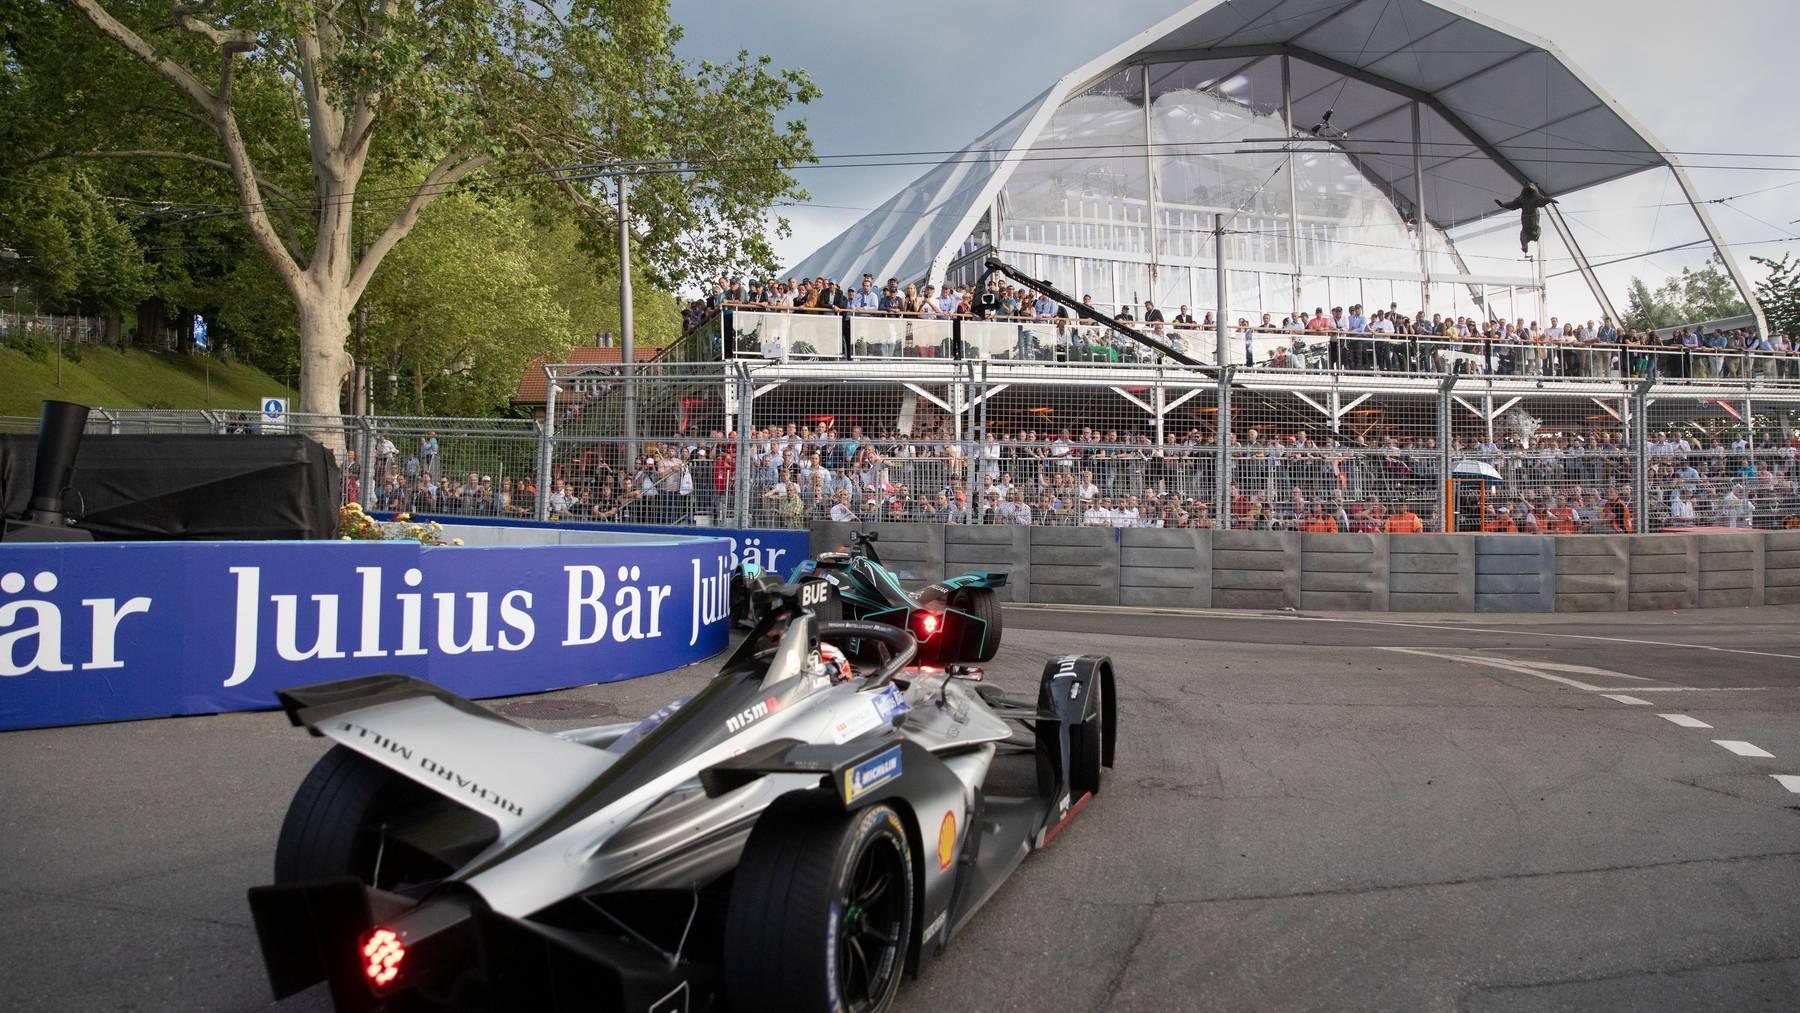 Das Formel-E-Rennen war in Bern umstritten. Letztlich schauten aber gegen 100'000 Menschen zu.